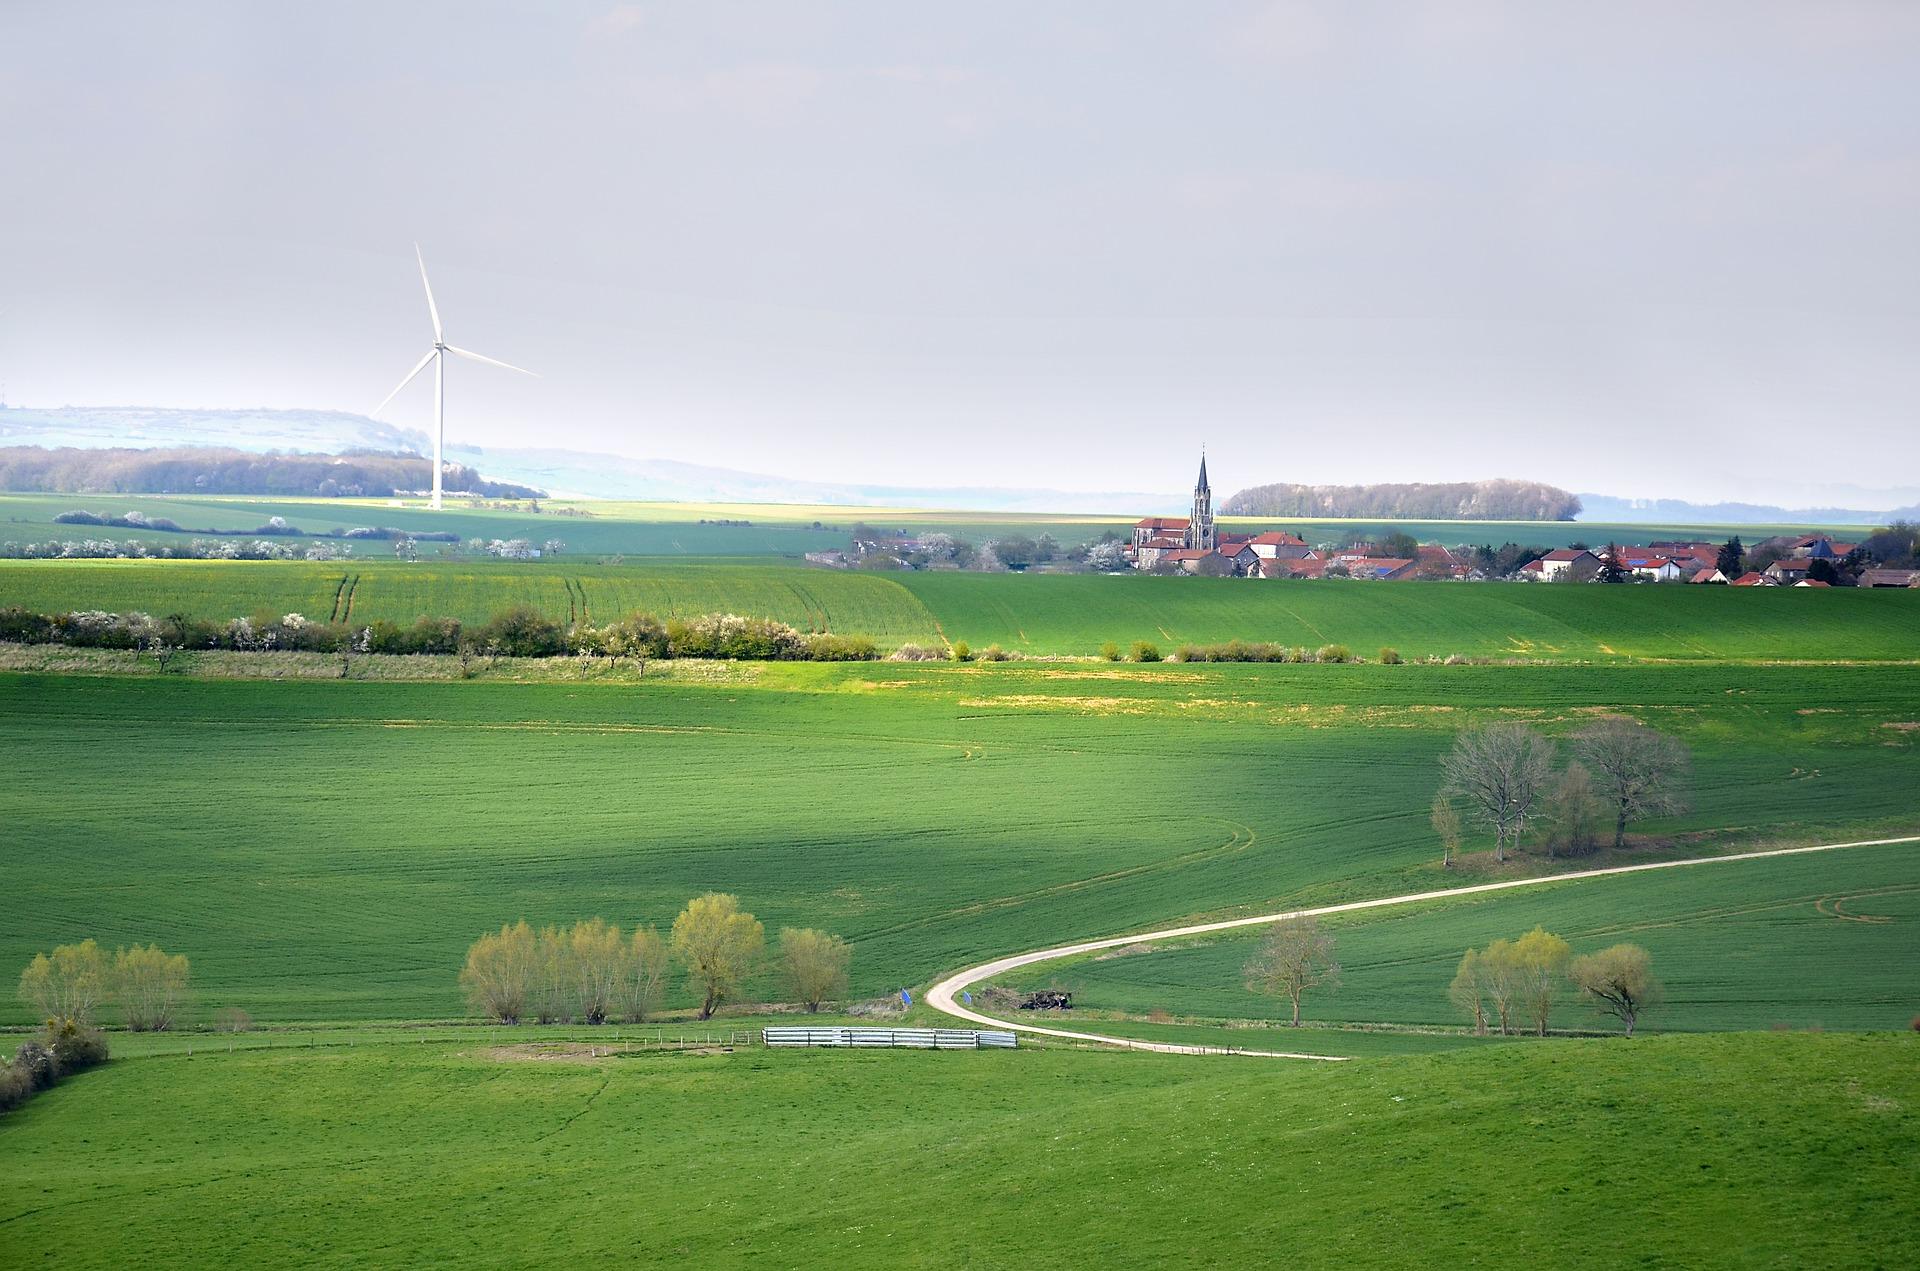 Le Groupe Vinci en pointe sur les enjeux environnementaux